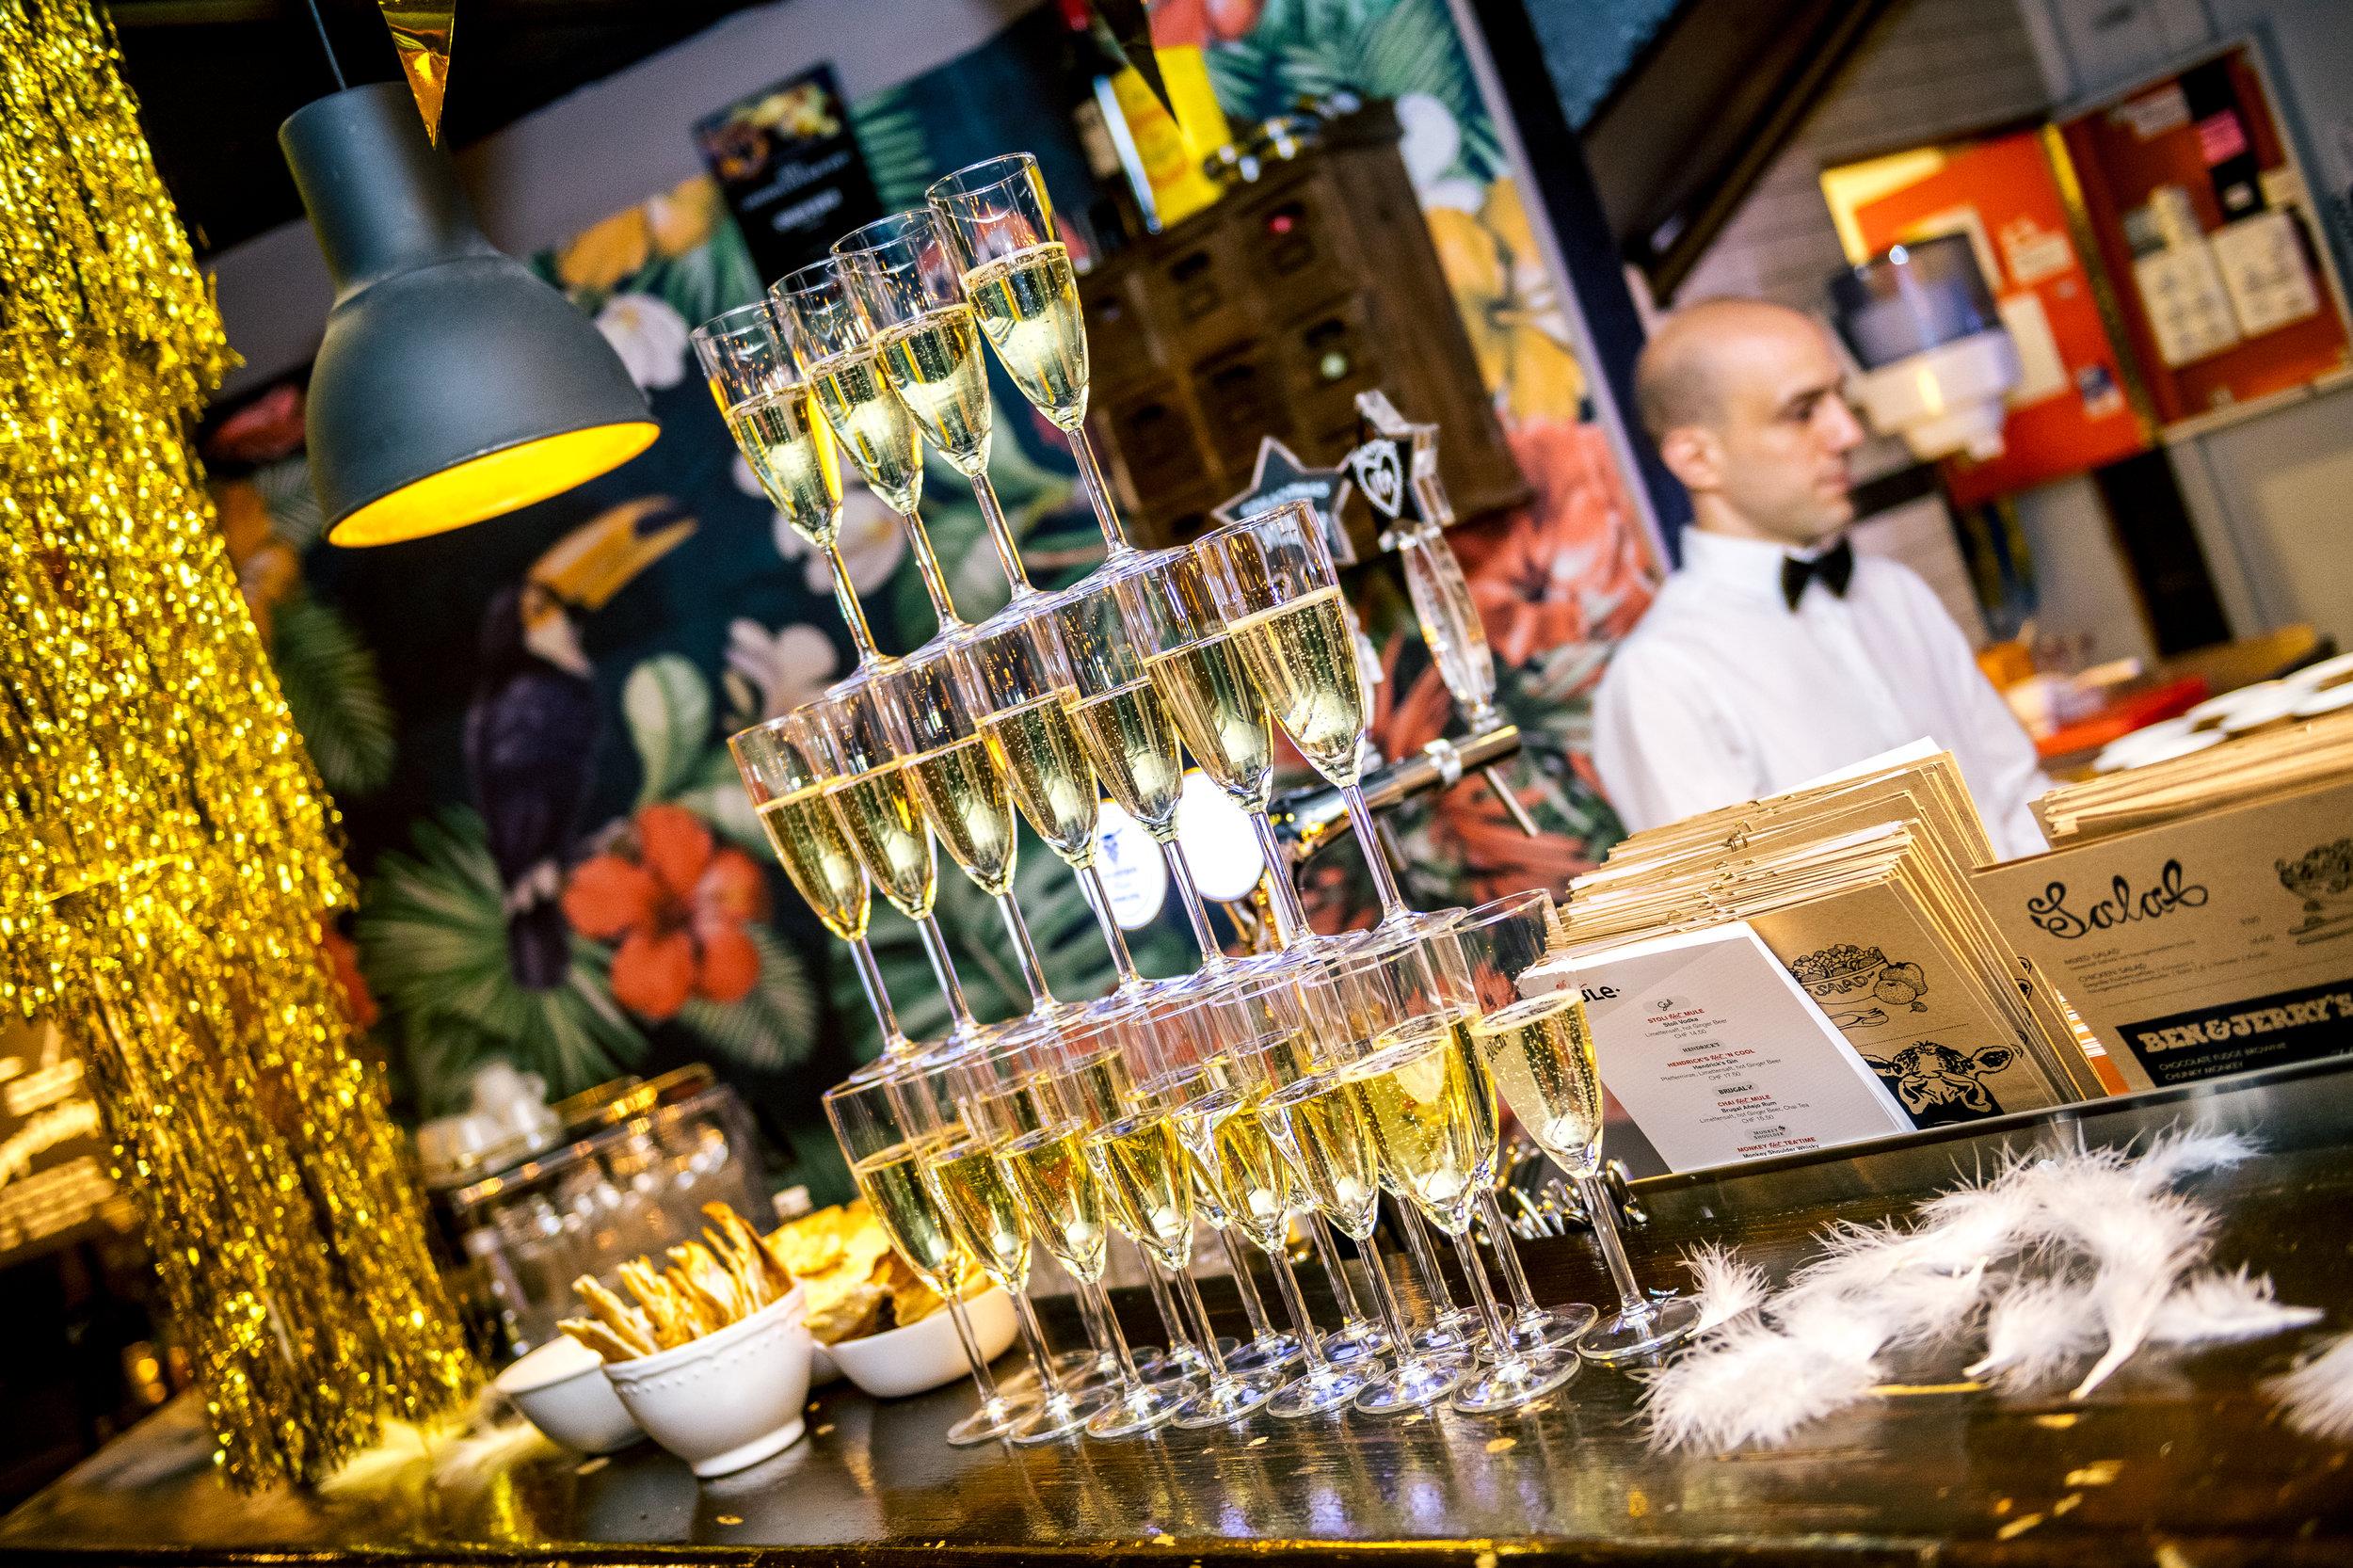 2017-12-15 Snoos Bar - Event-3 - Kopie.jpg